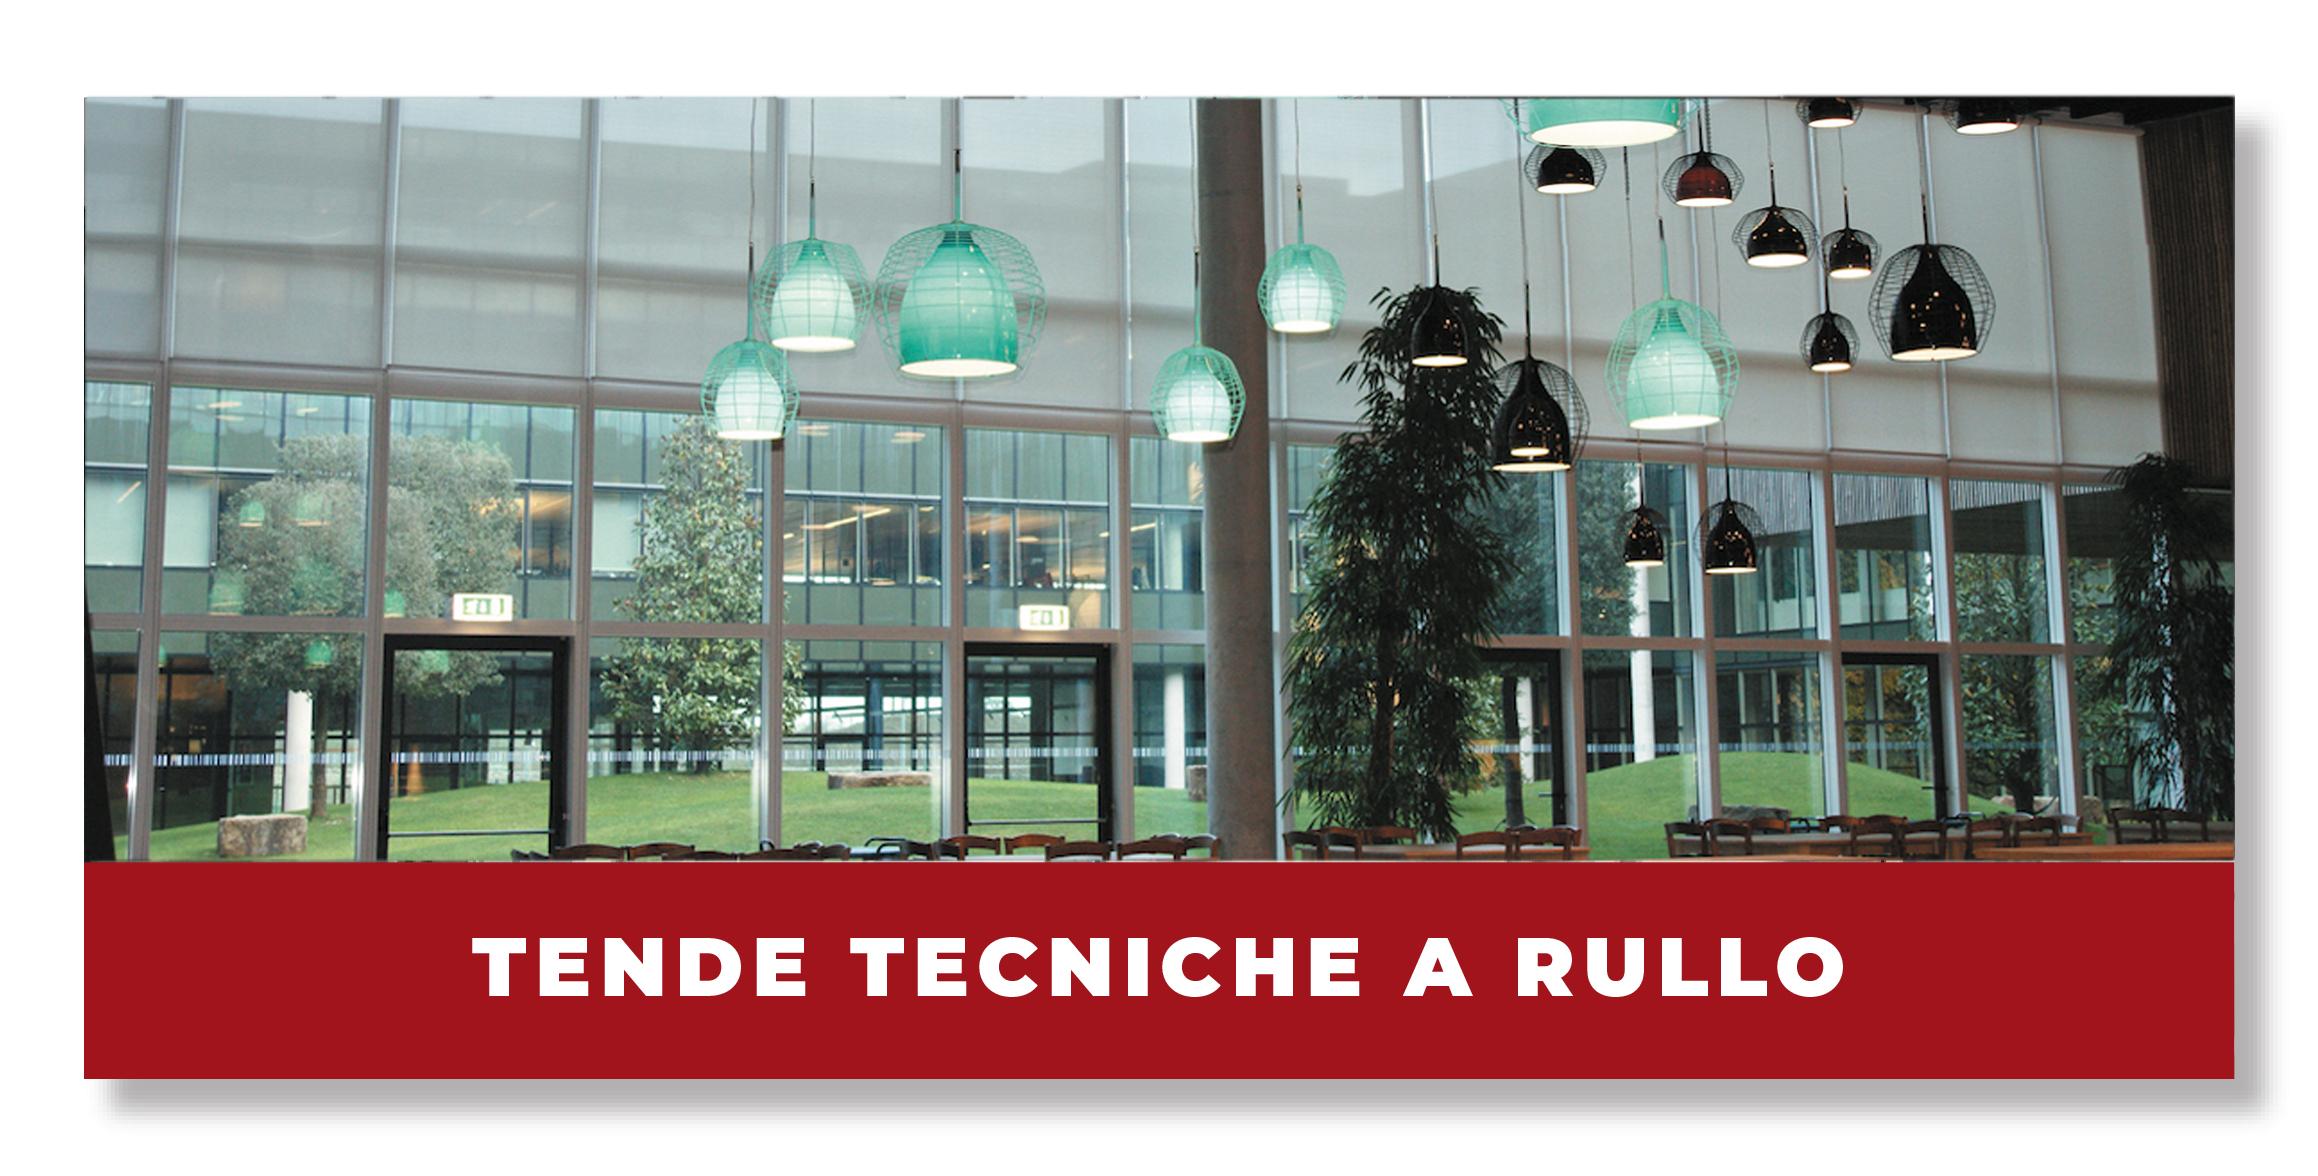 tende tecniche a rullo vendita installazione produzione su misura torino nuova rolltende attiivtà ristoranti bar hotel.jpg